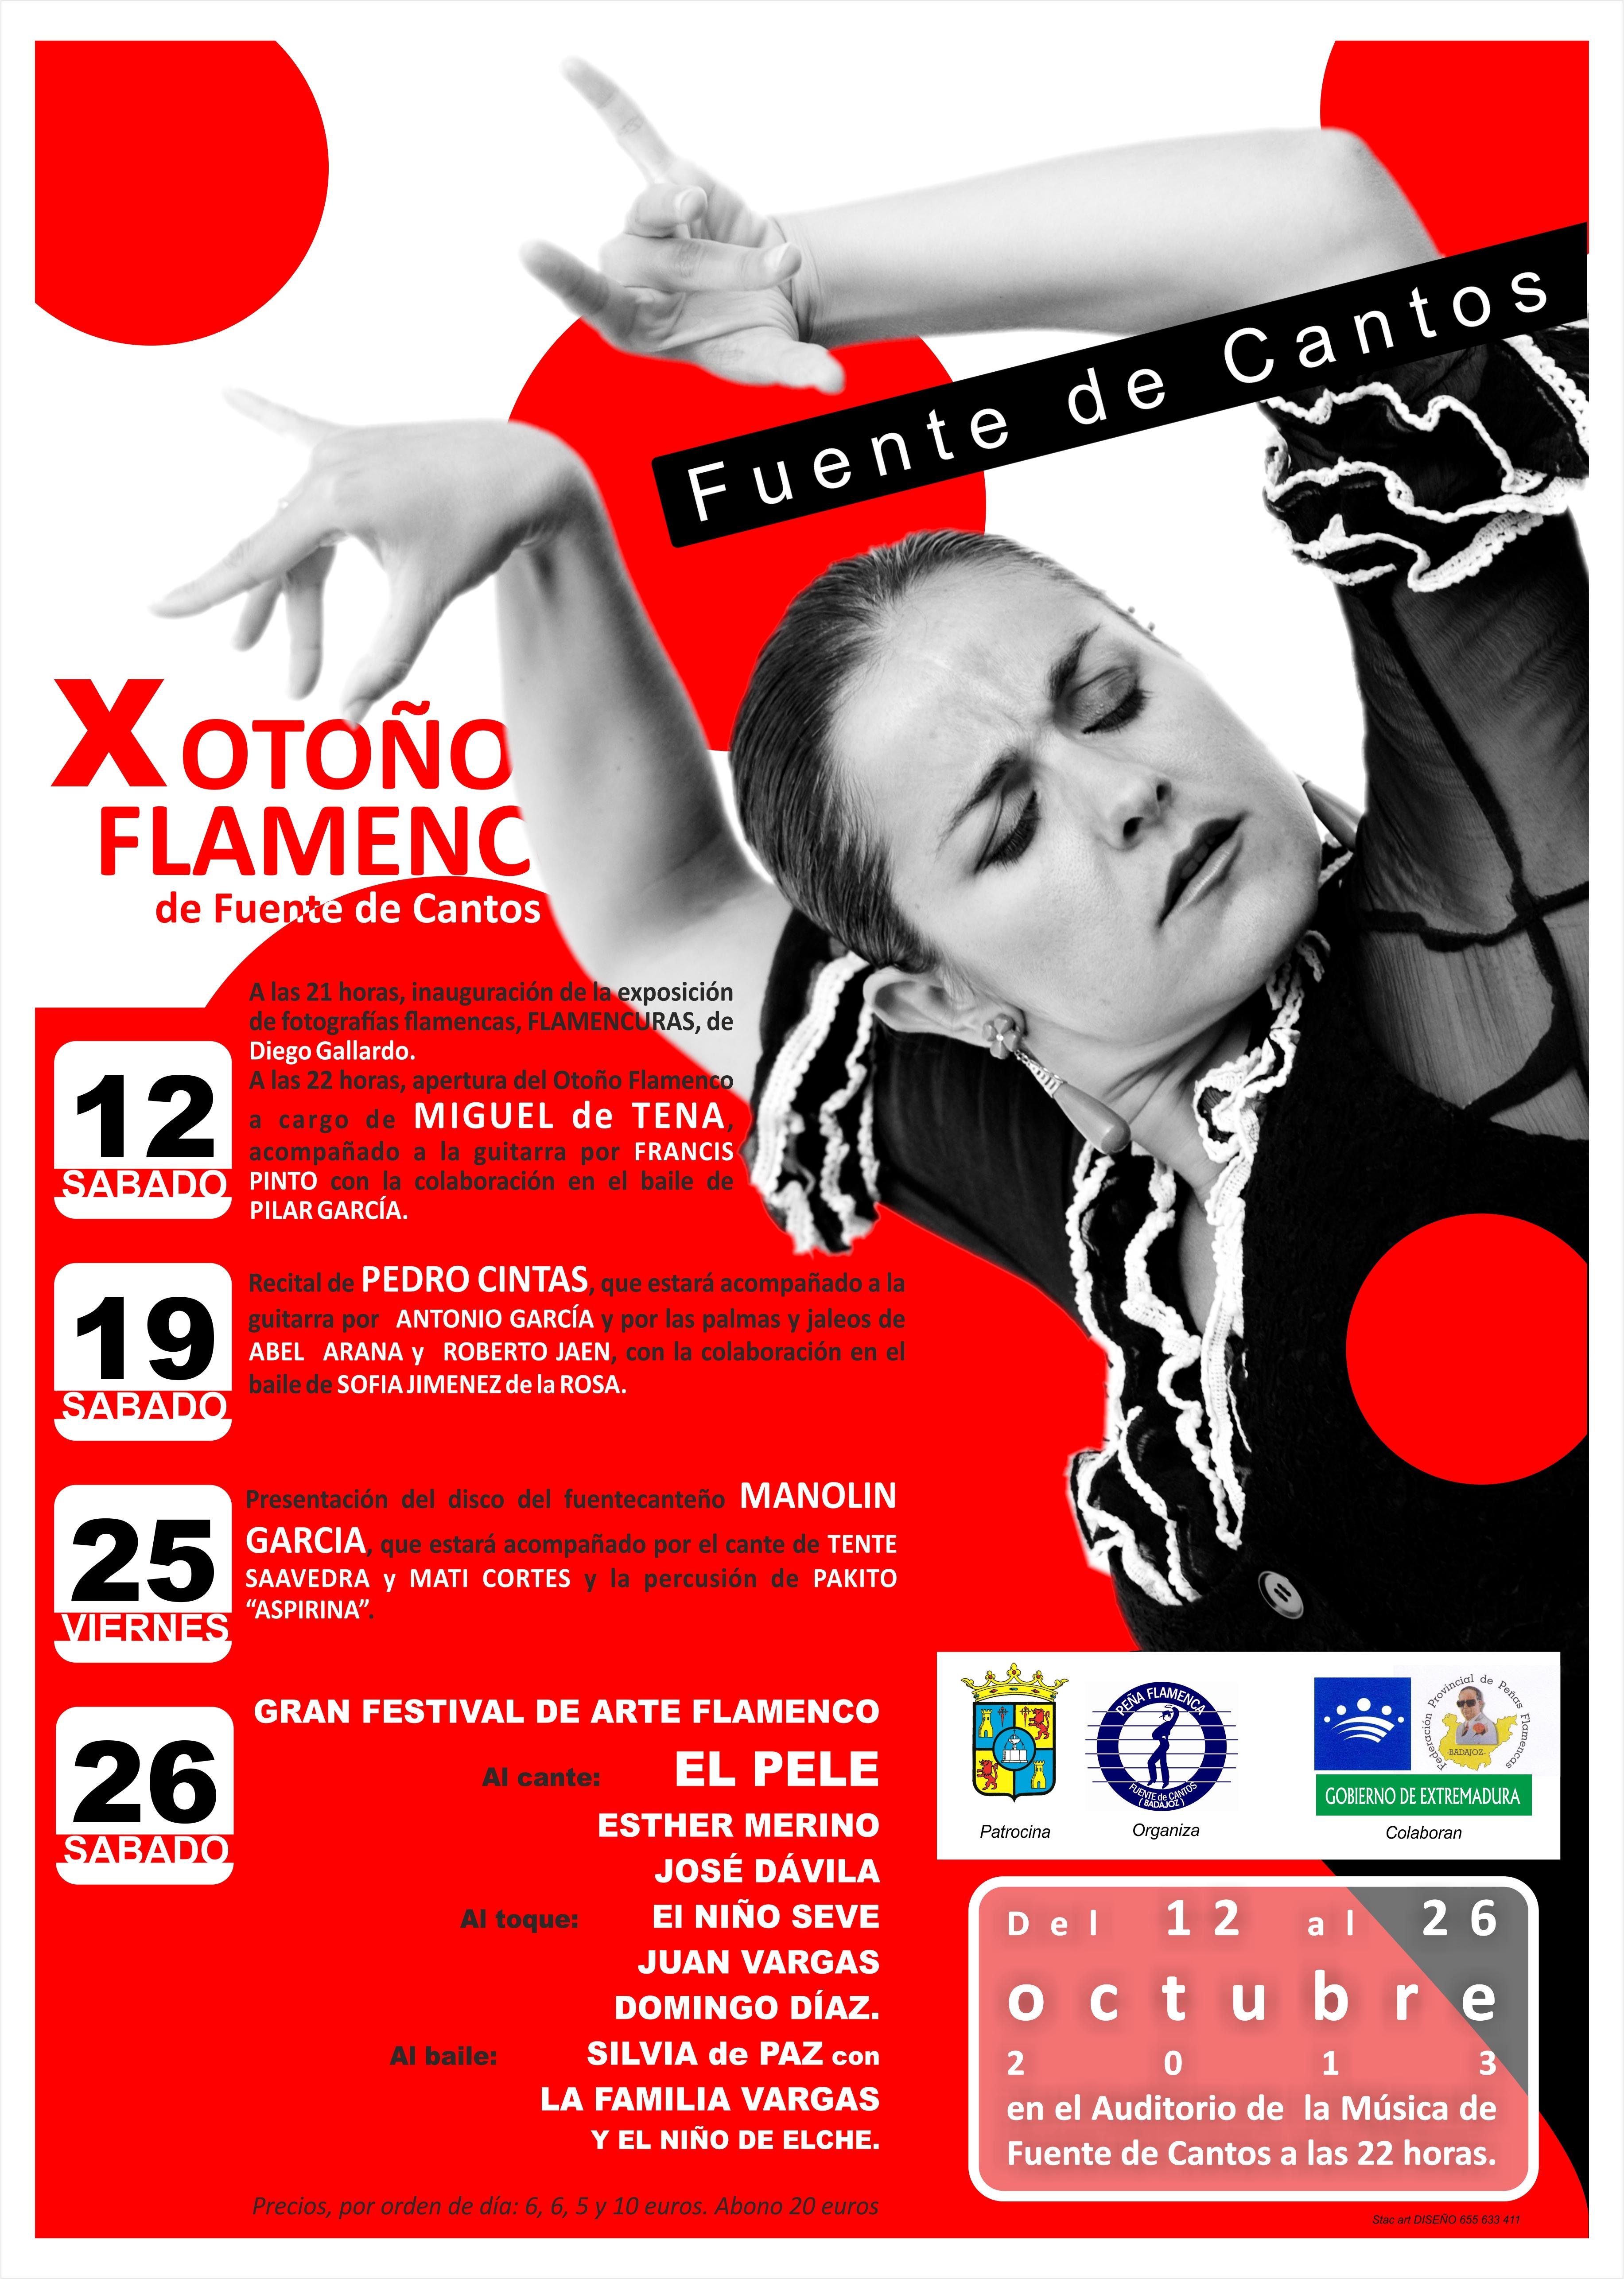 poster-flamenco-otono